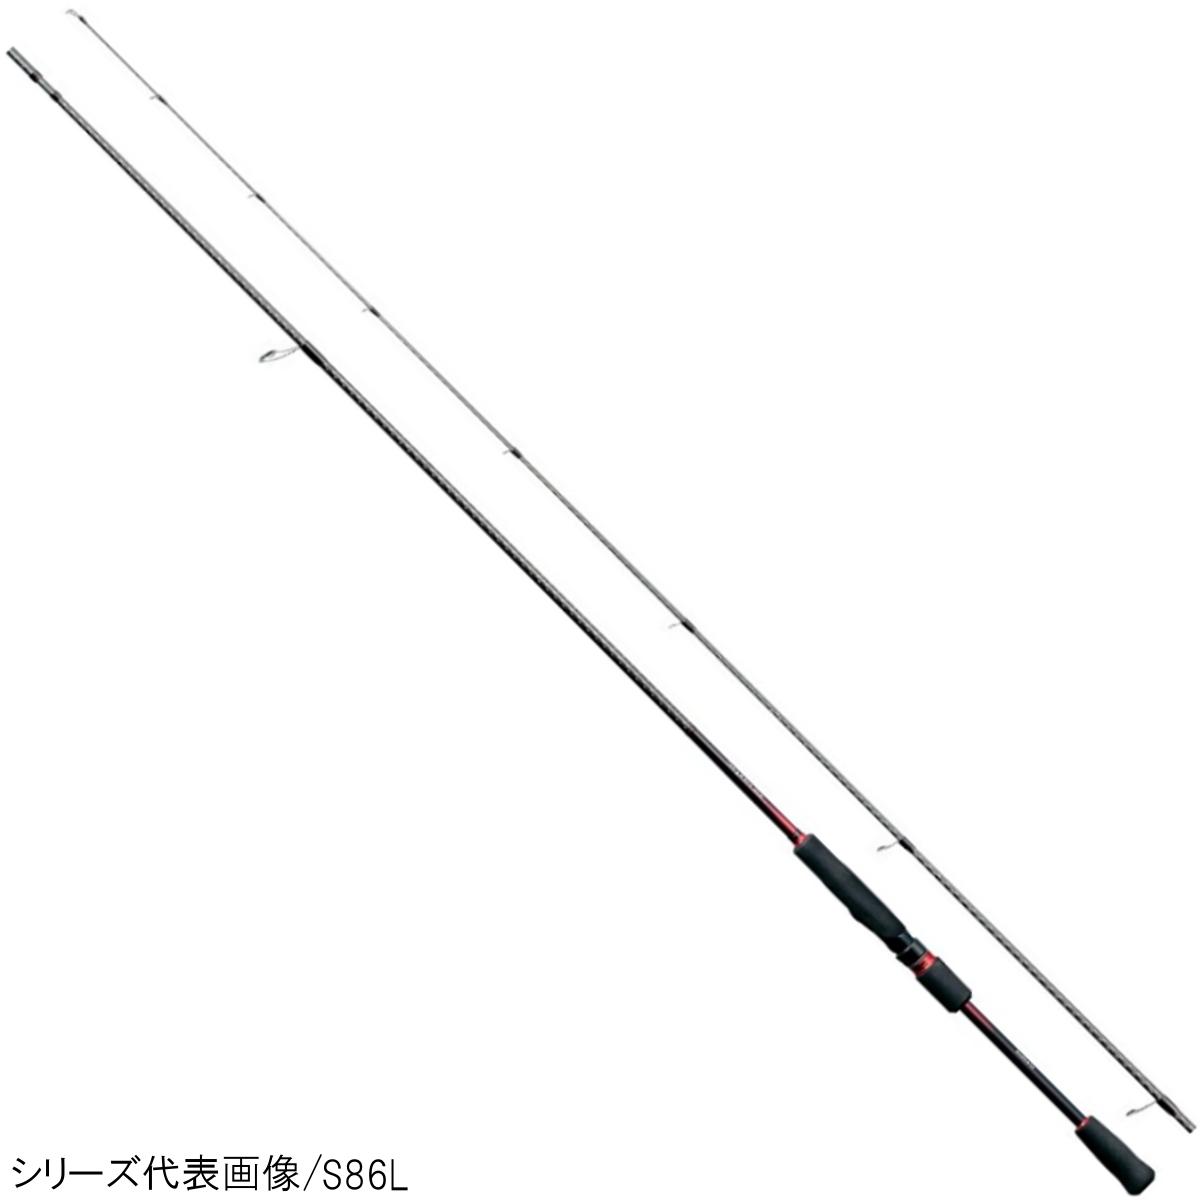 シマノ セフィア BB S83L【送料無料】